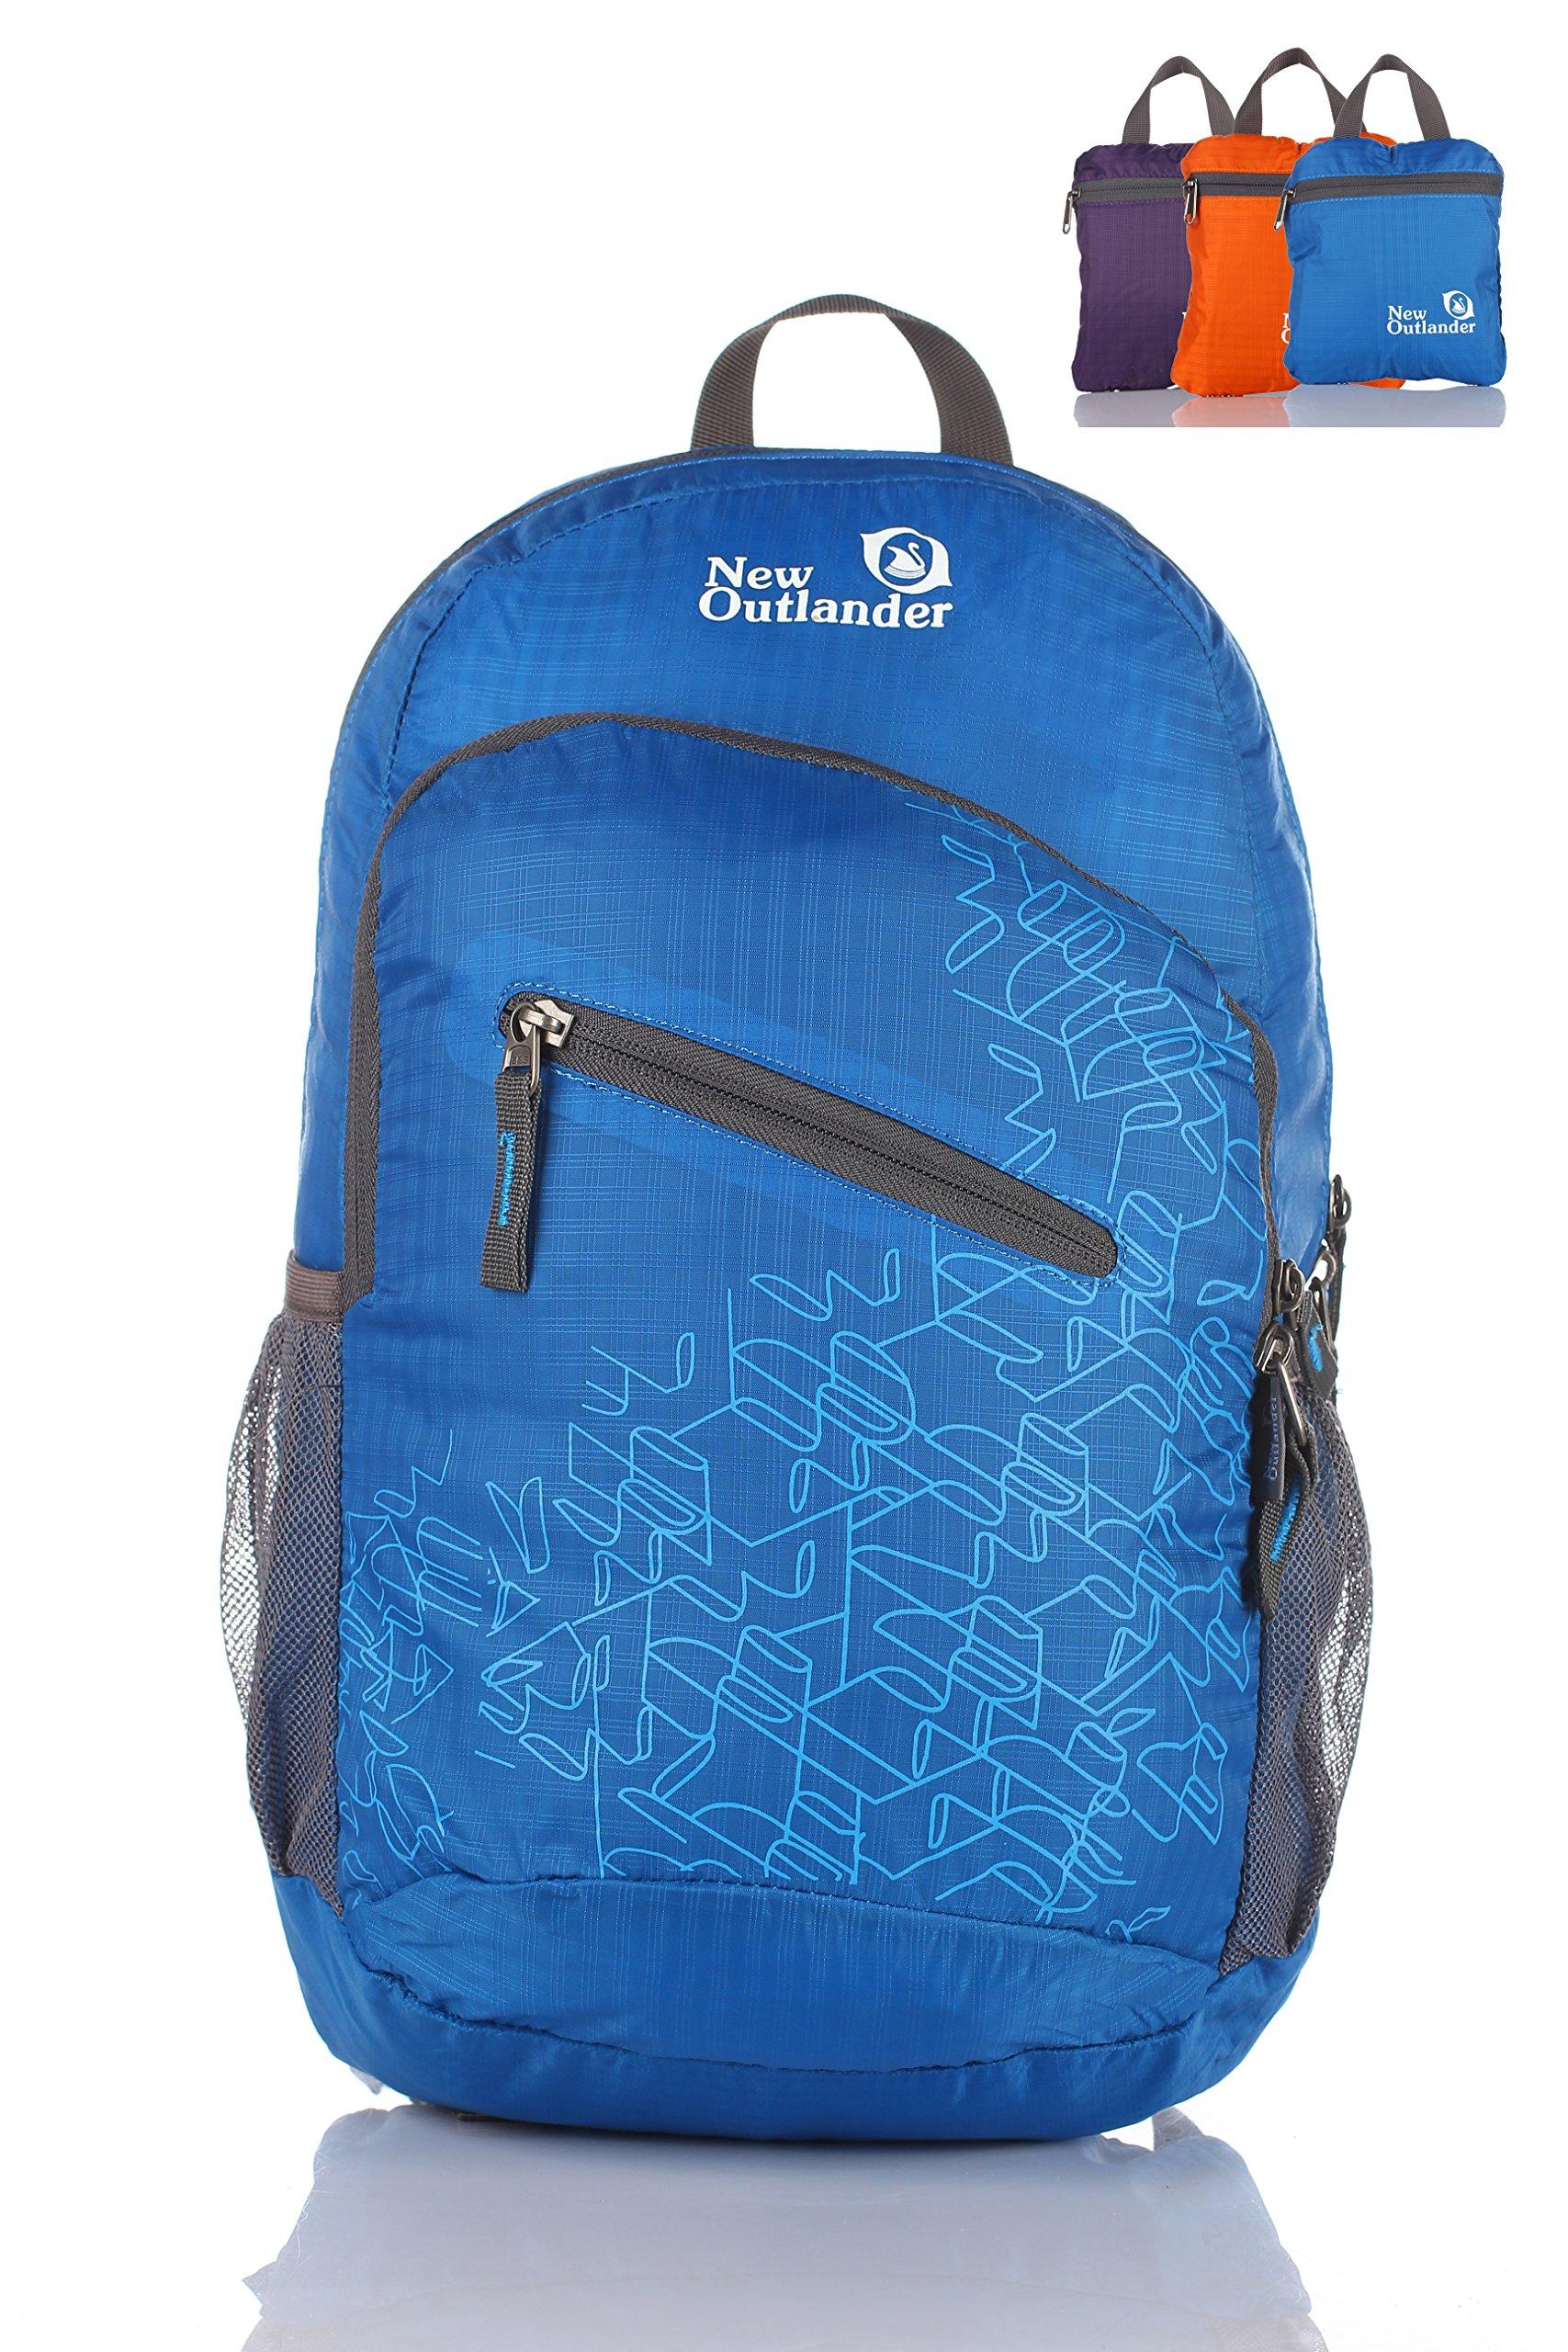 Outlander Packable Handy Lightweight Travel Hiking Backpack Daypack-Dark Blue-L